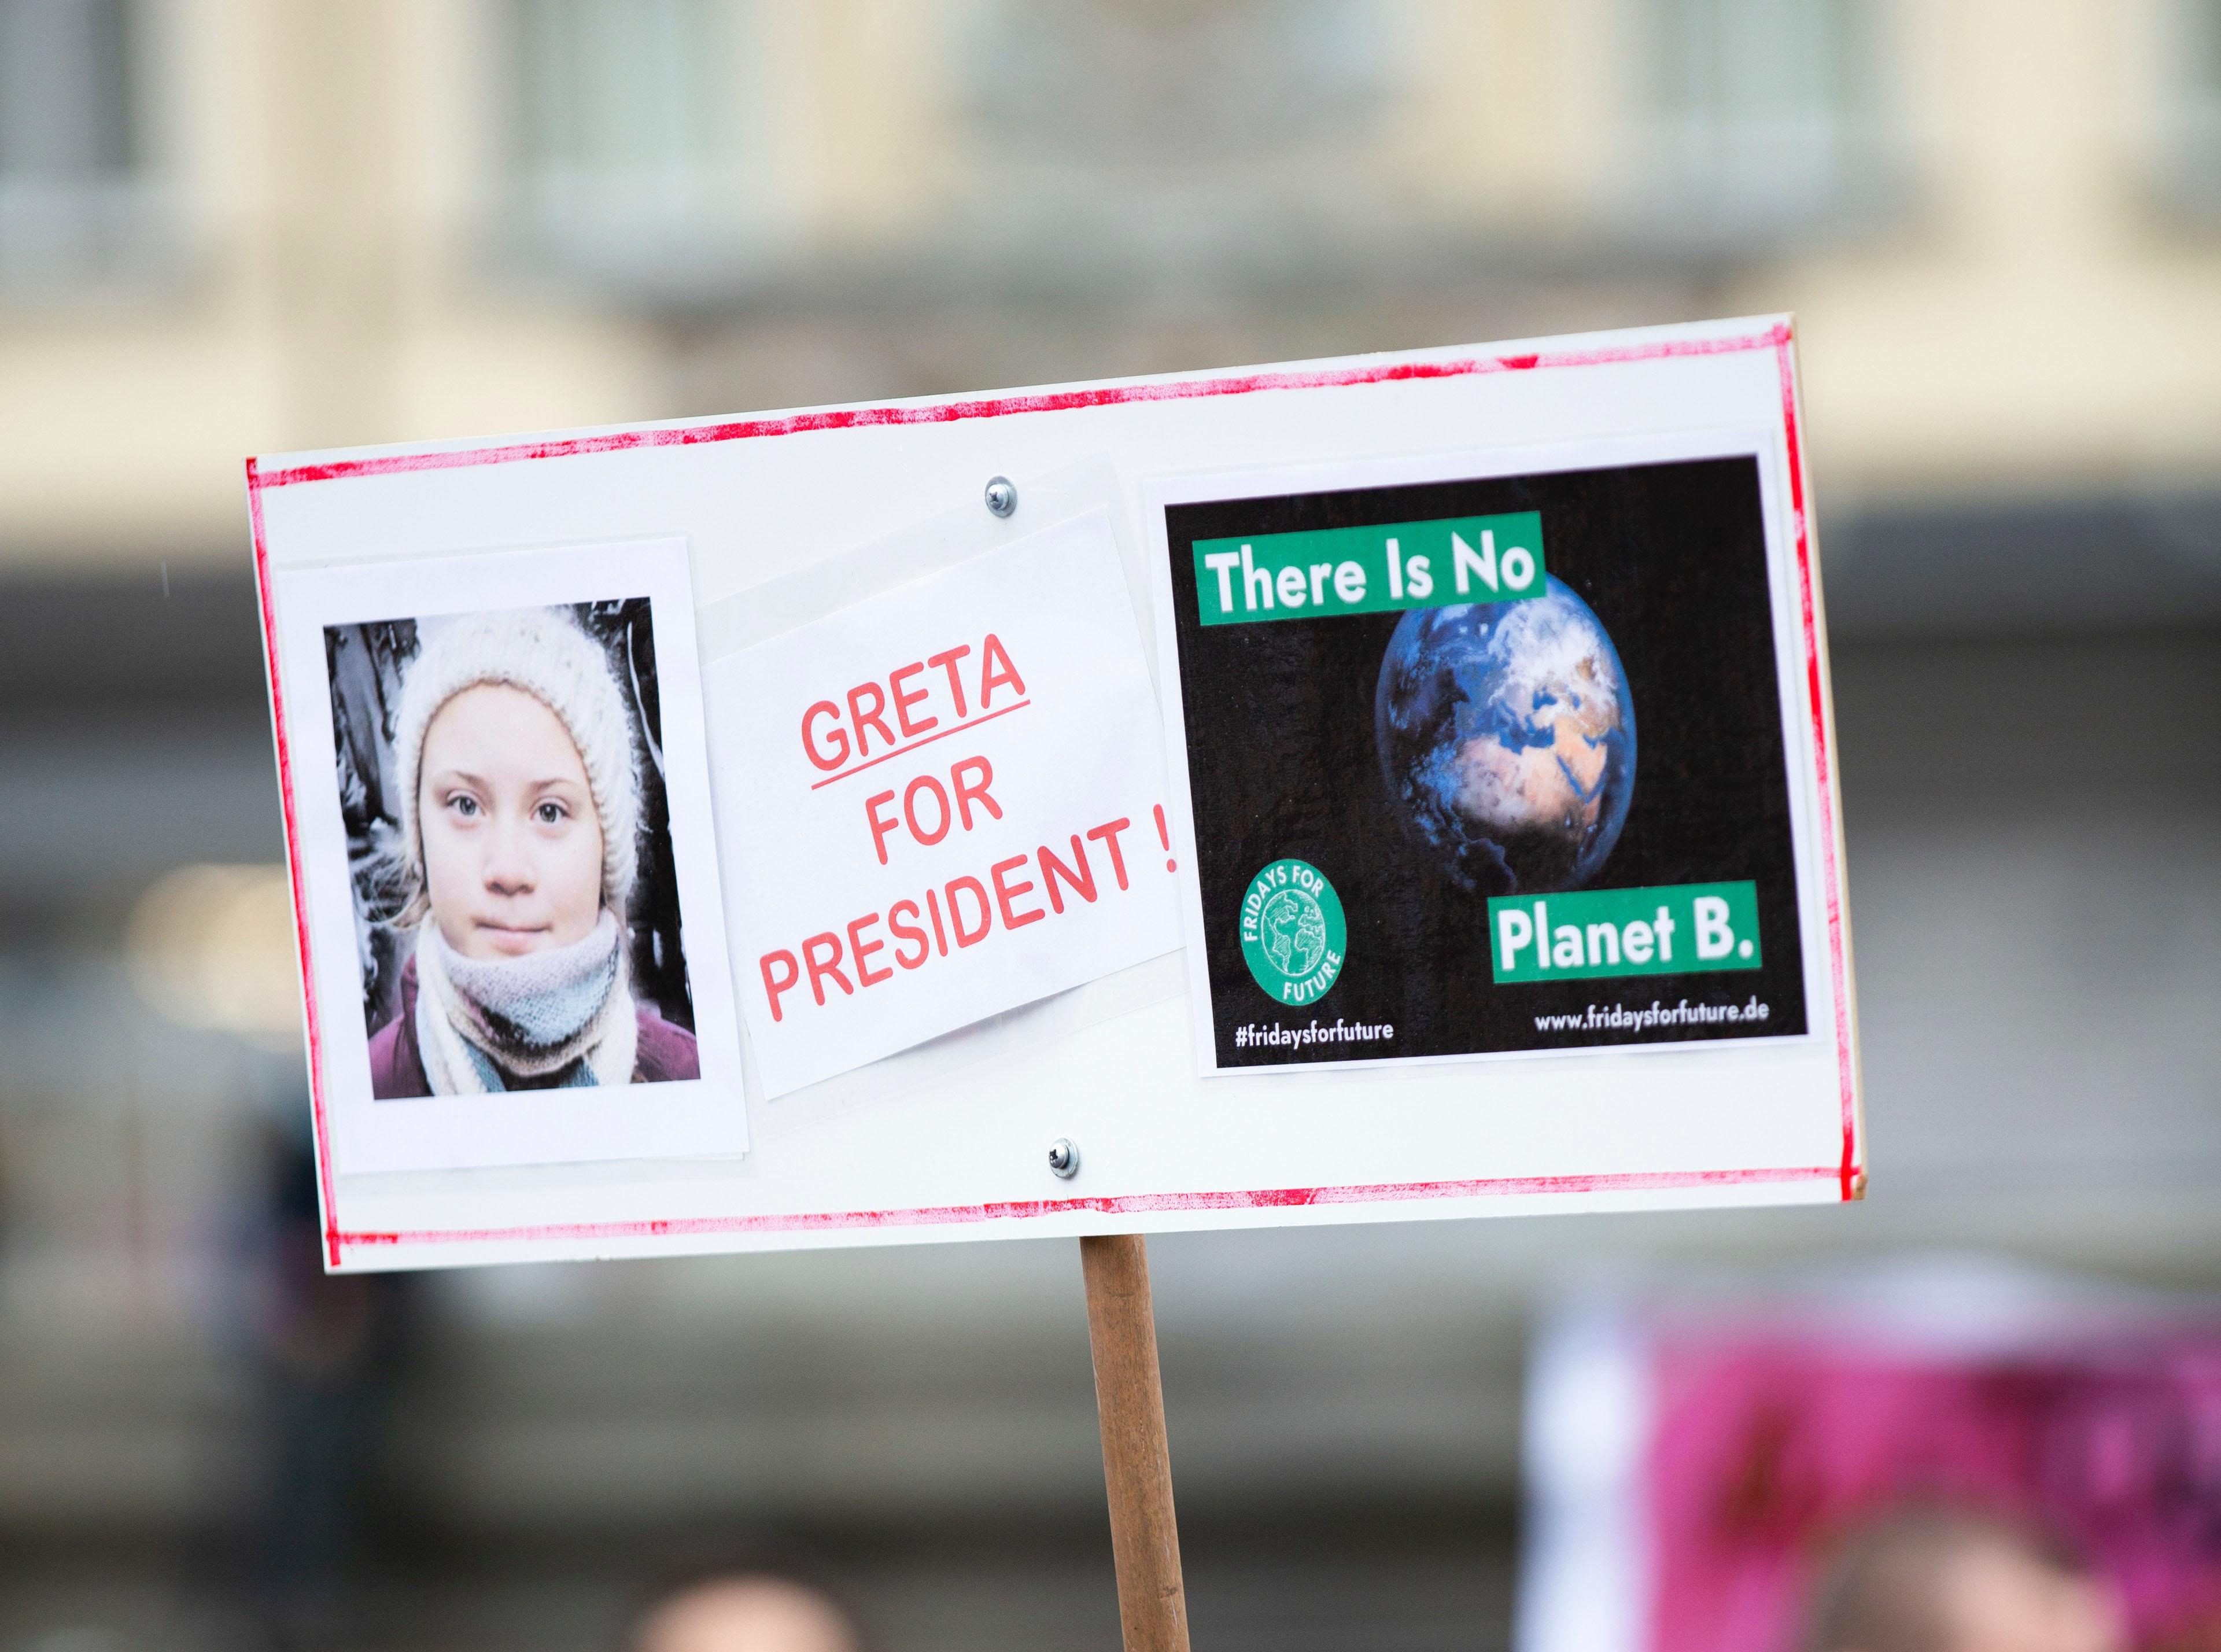 Greta Thunbergs Schwester will große Karriere starten